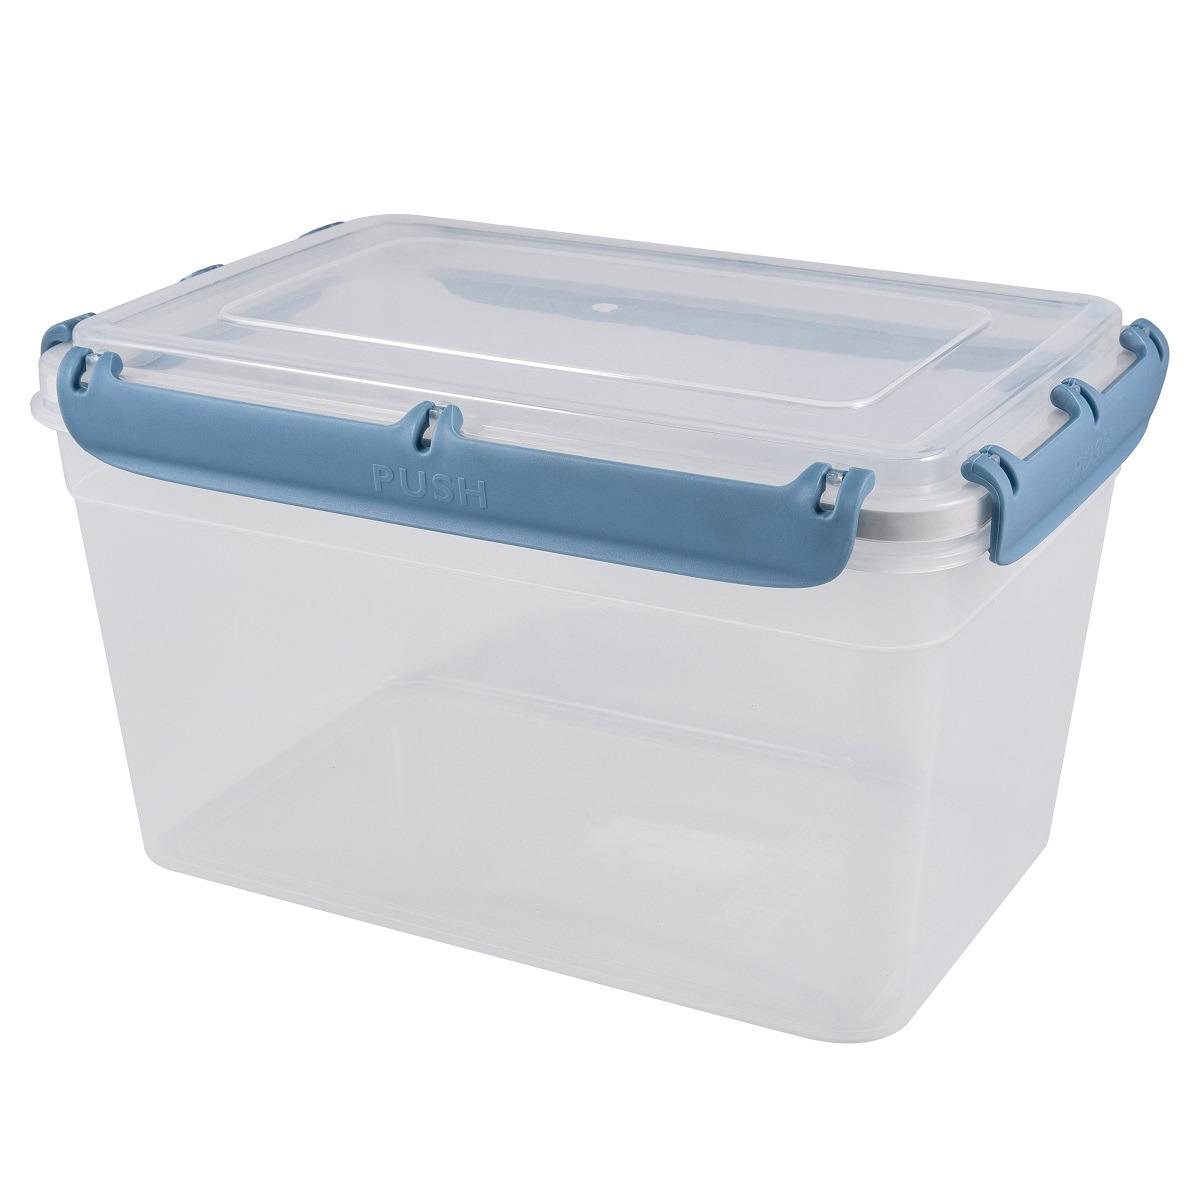 Контейнер пищевой Plast Team Bergen, с защелками, PT1048-6, туманно-голубой, 4,5 л контейнер пищевой plast team цвет голубой прозрачный 0 6 л